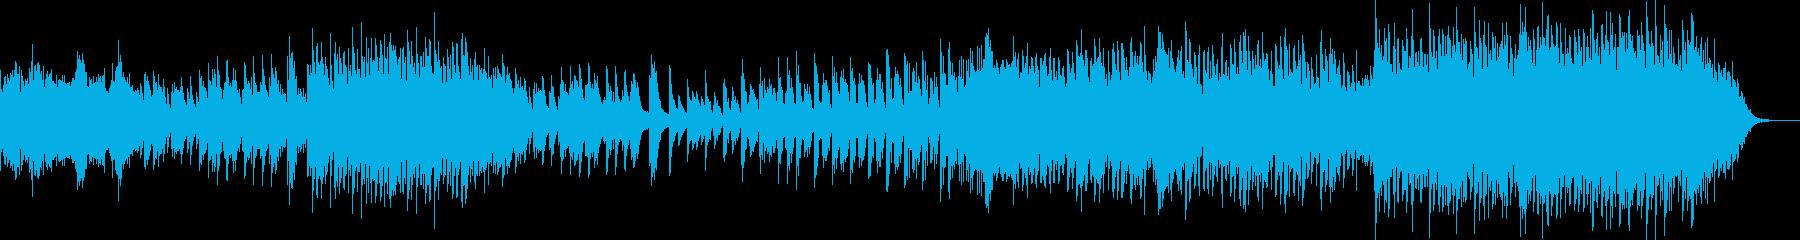 ほんのり和風なピアノポップバラードの再生済みの波形